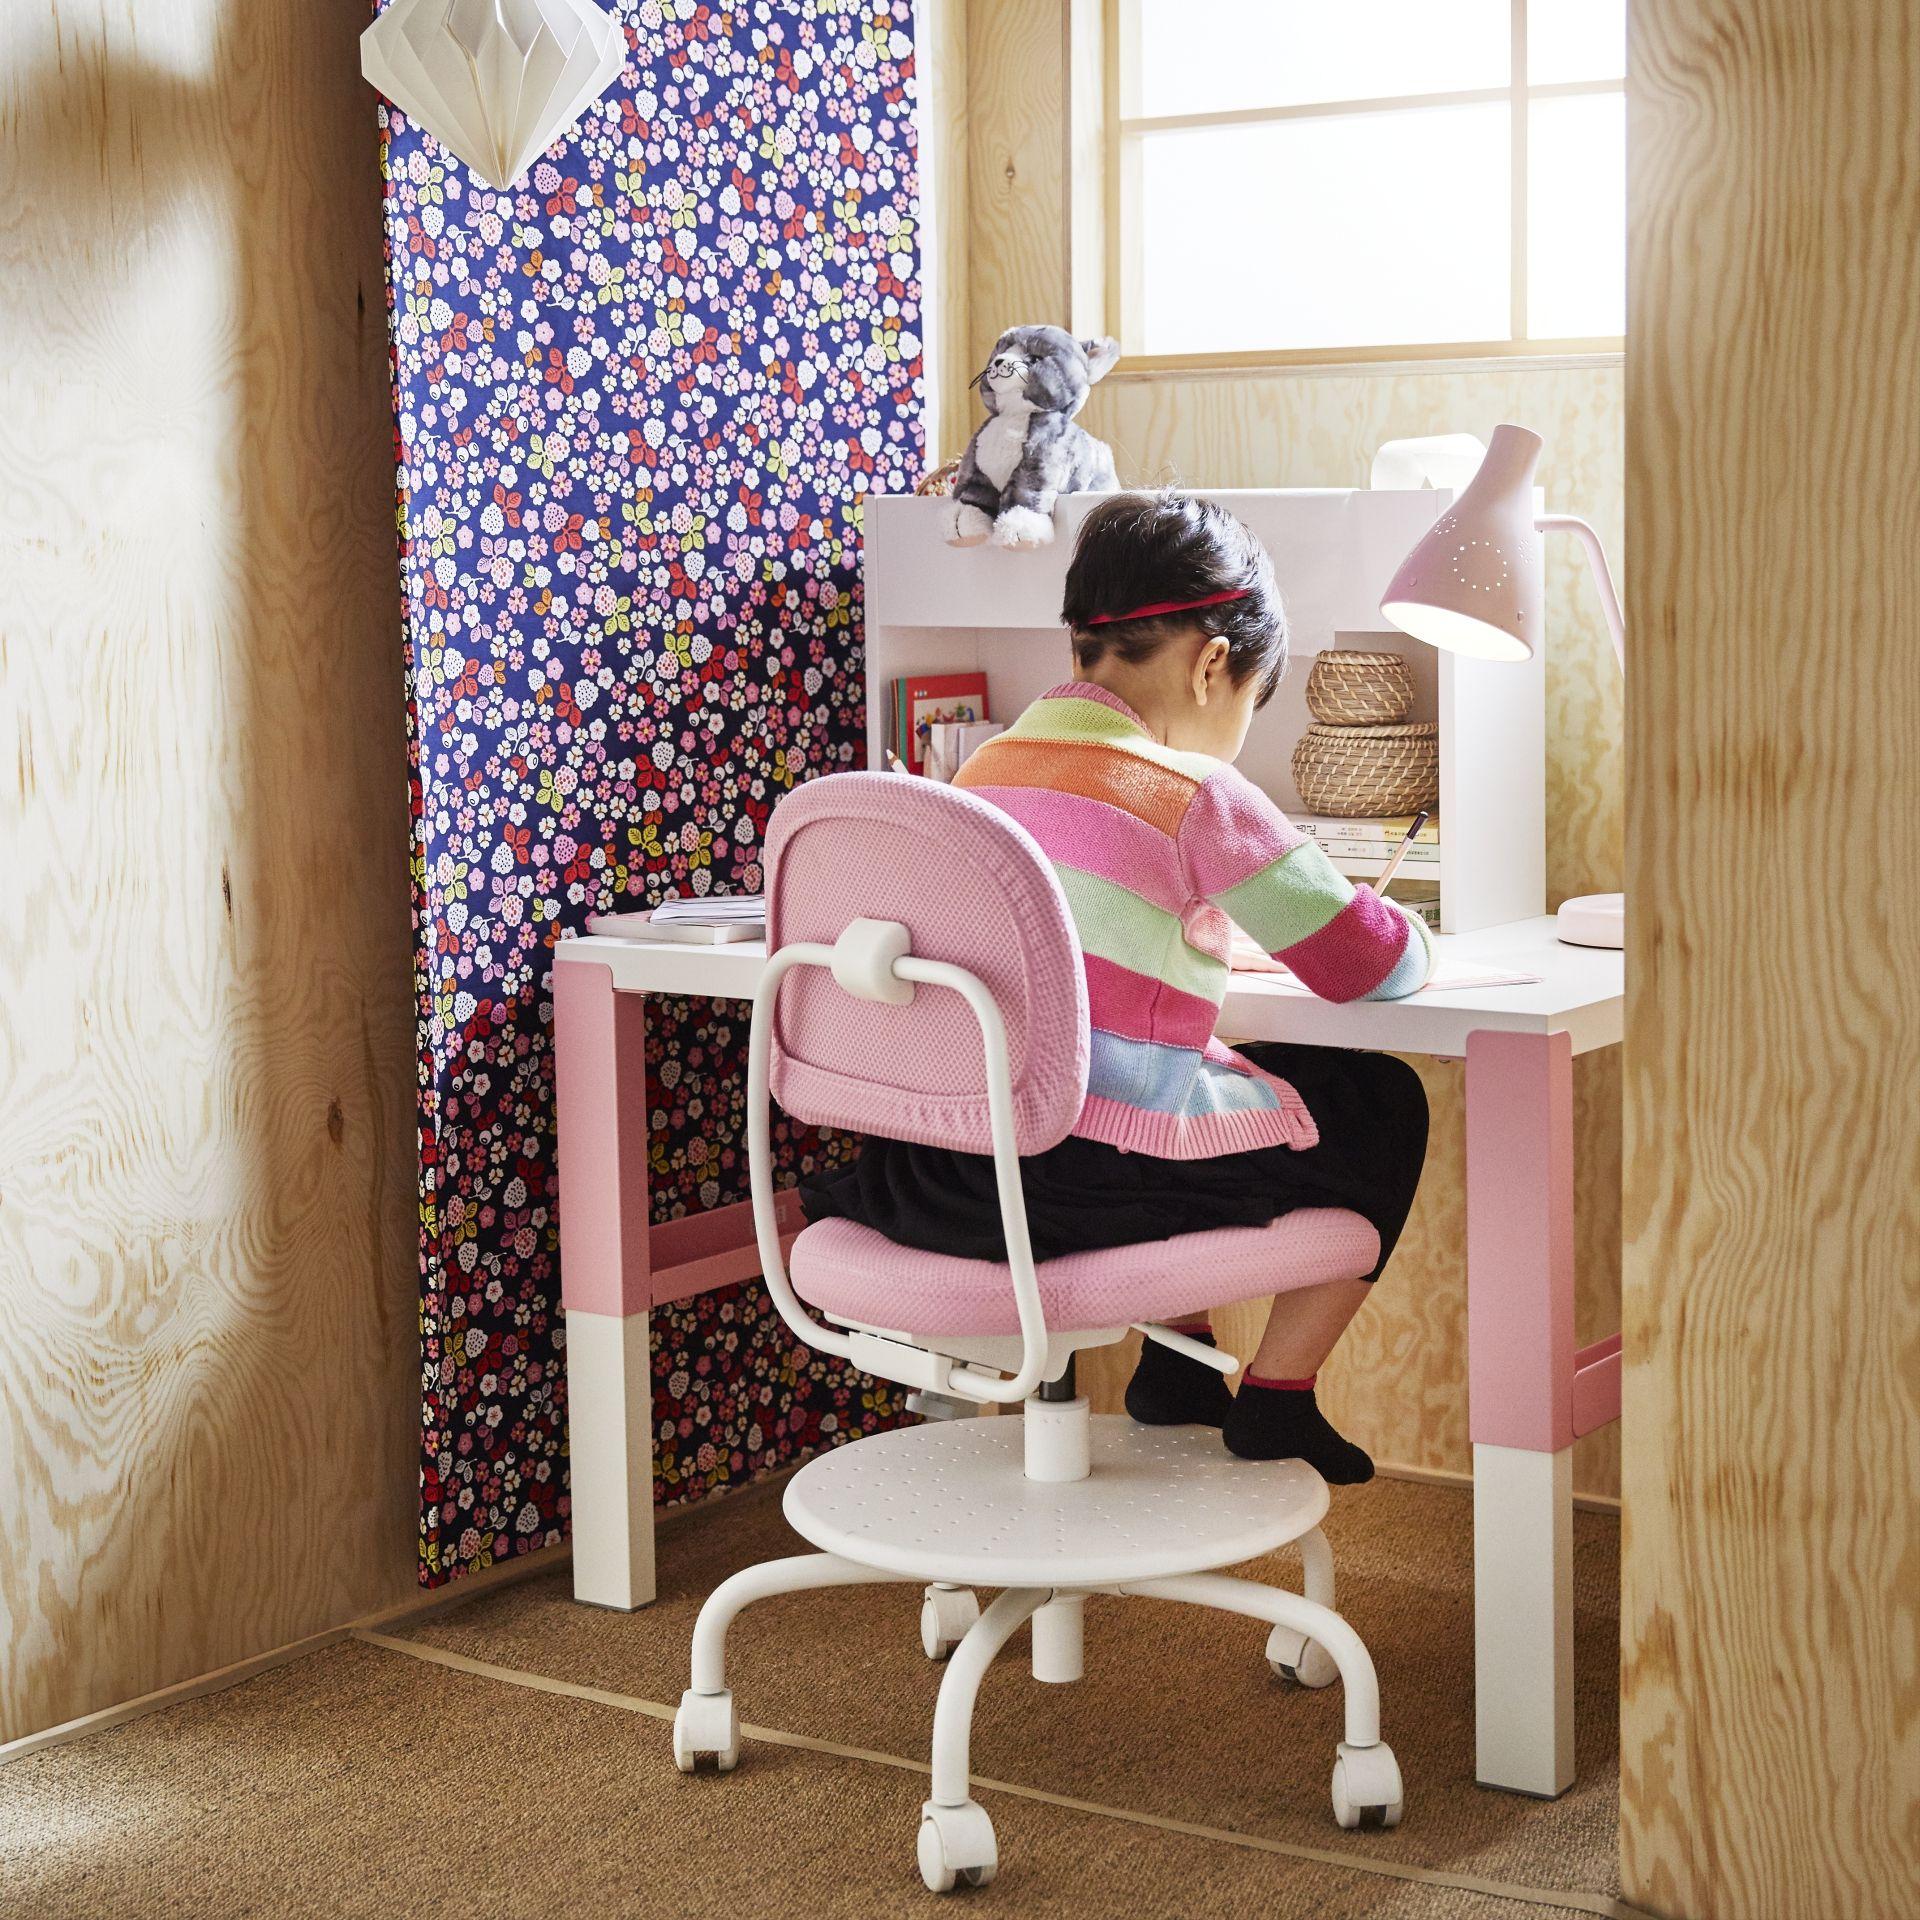 Bureaustoel Kind Roze.Vimund Kinderbureaustoel Ikea Ikeanederland Ikeanl Interieur